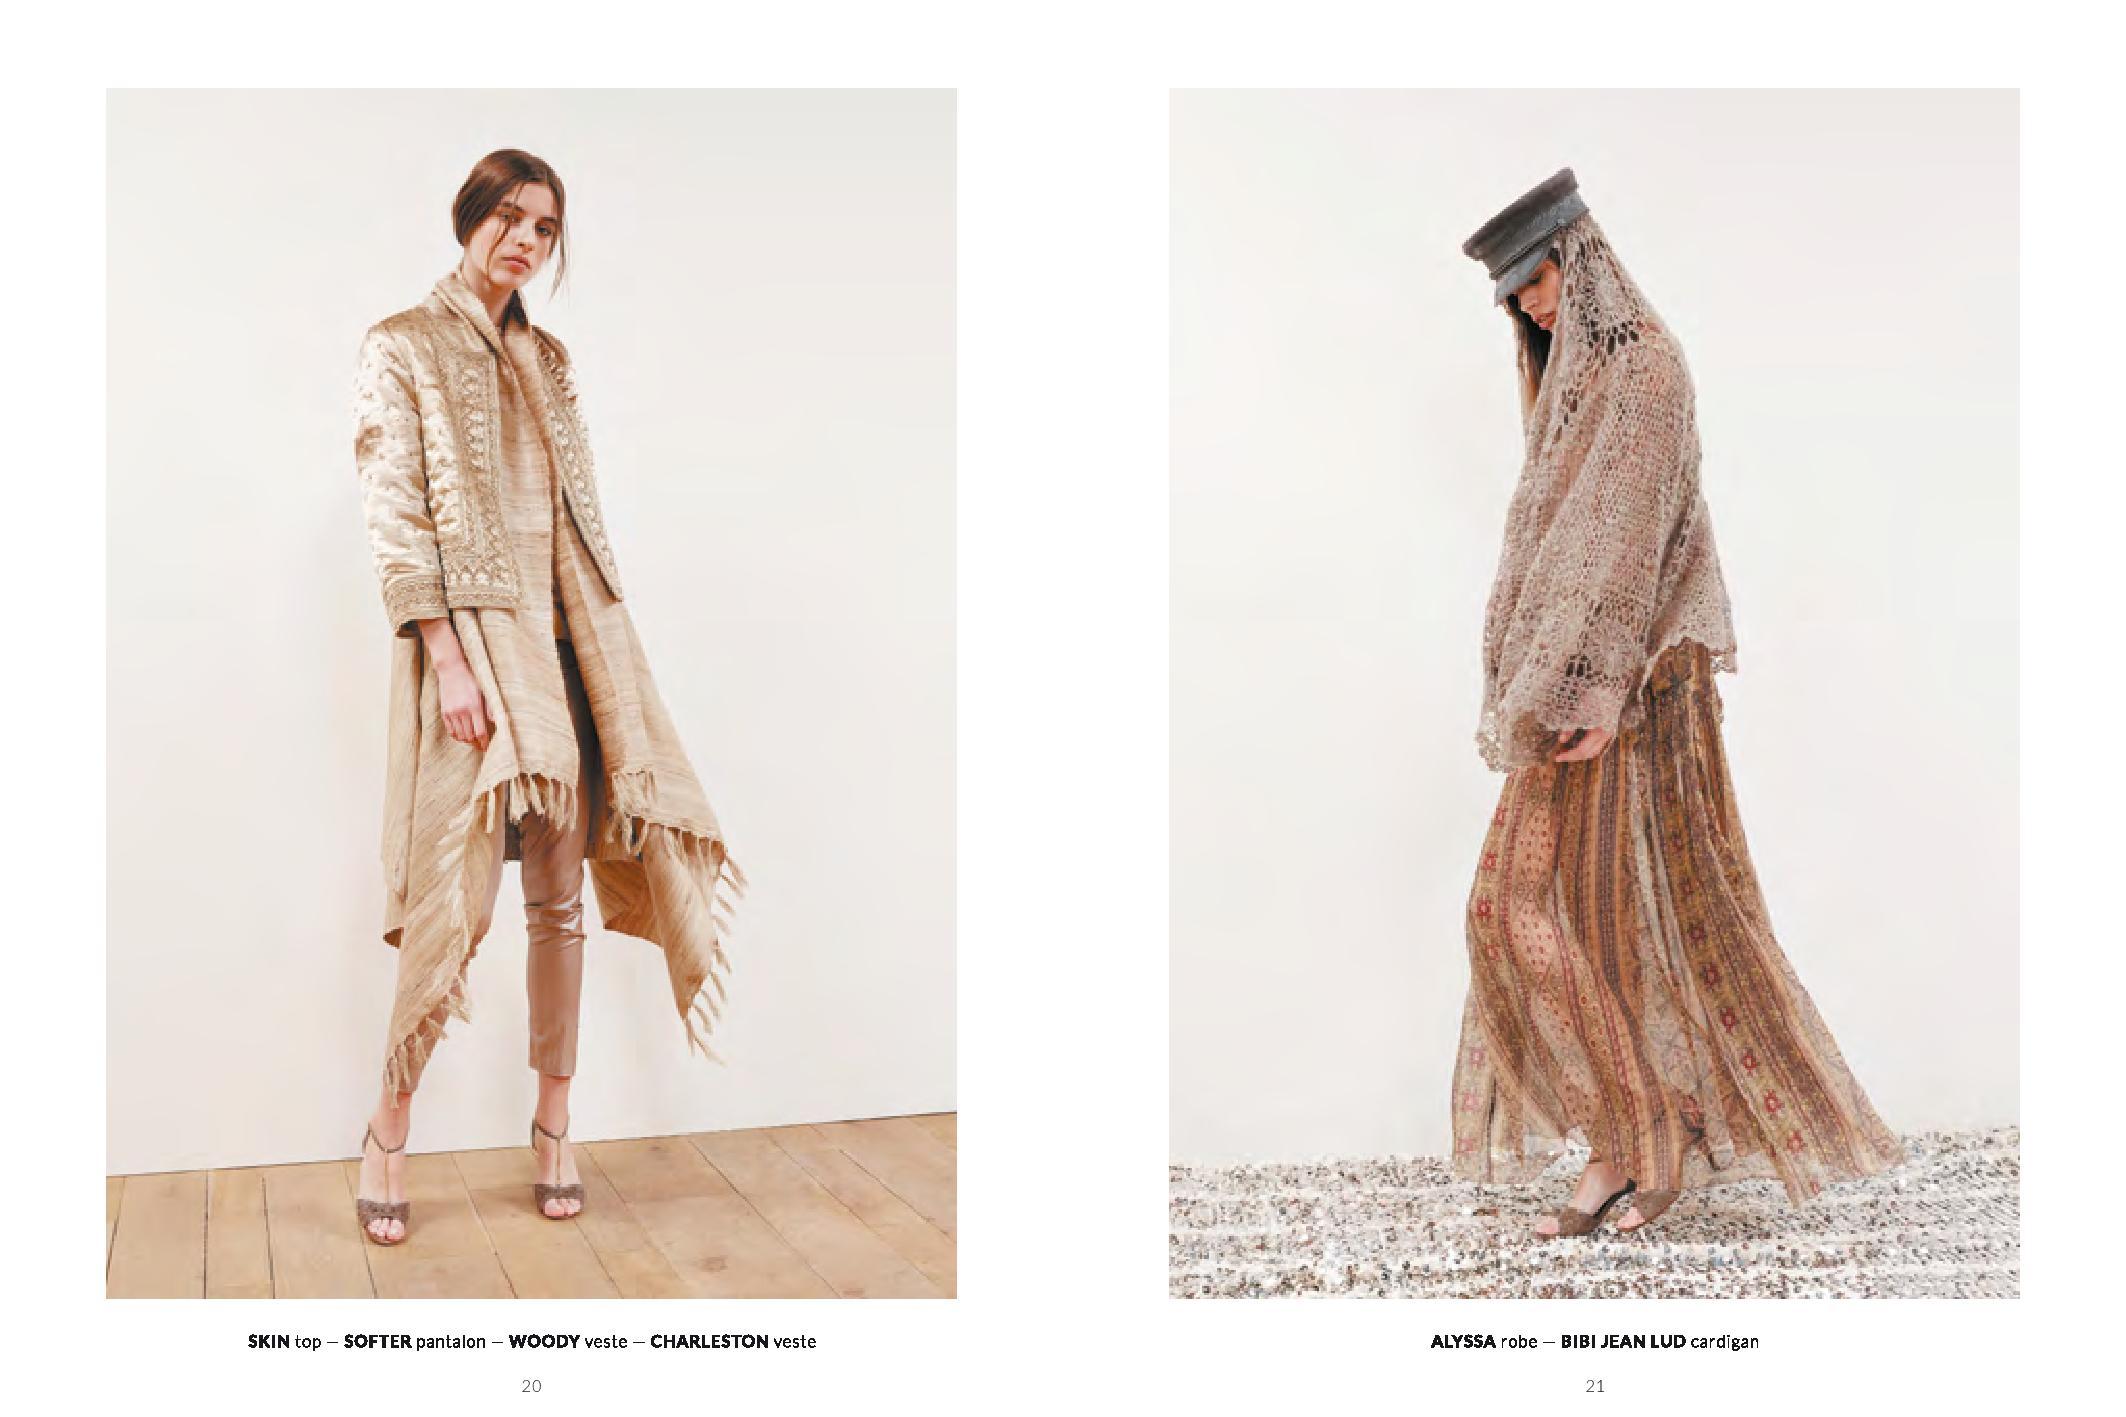 55_md_lookbook_mes_demoiselles_paris_web_dresscode-page-013.jpg